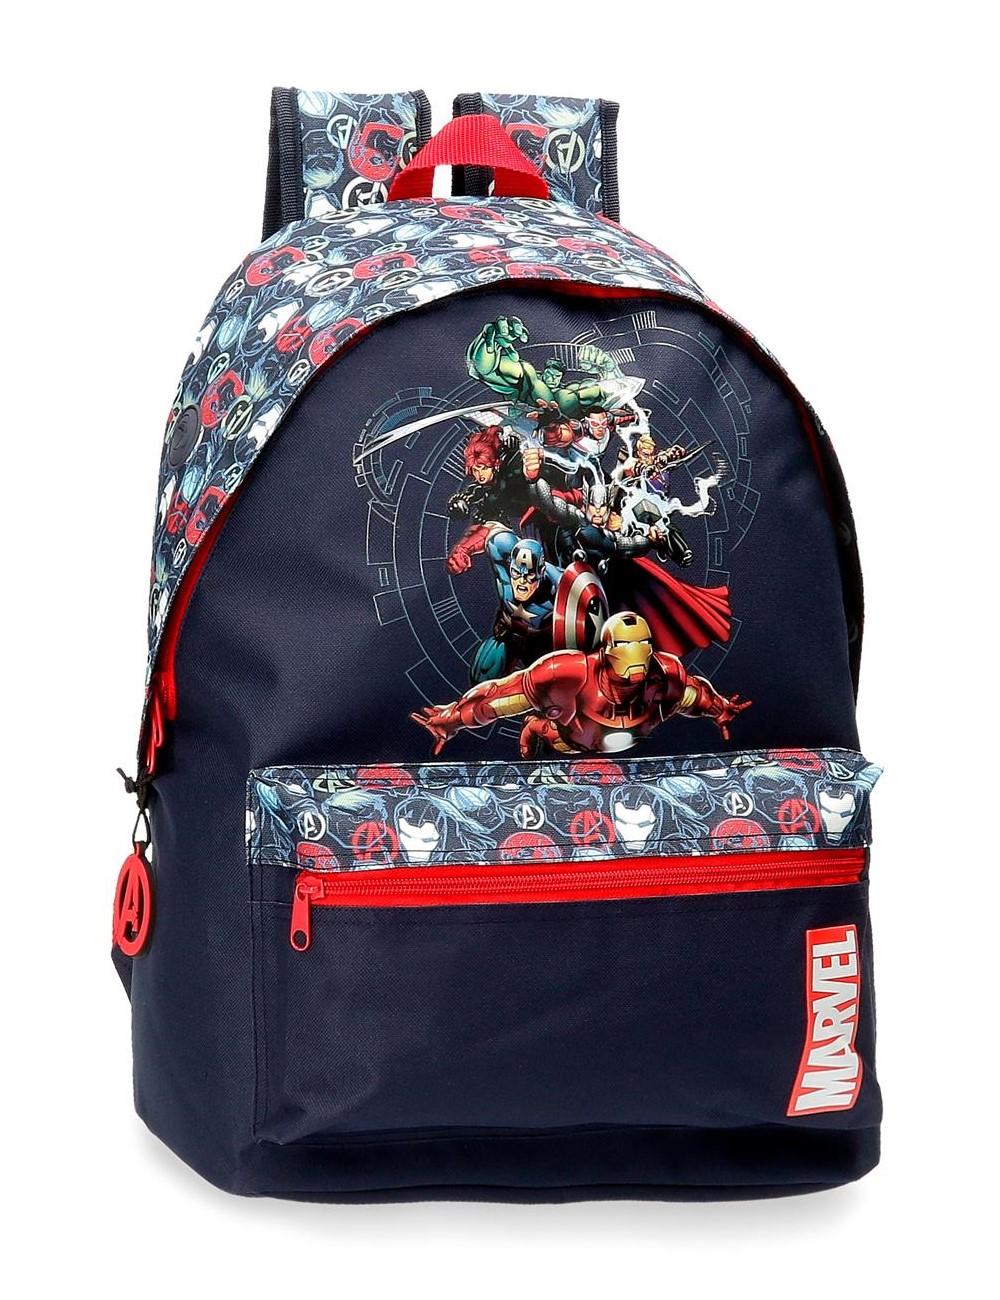 Mochila Grande 42cm Avengers Team 4432421